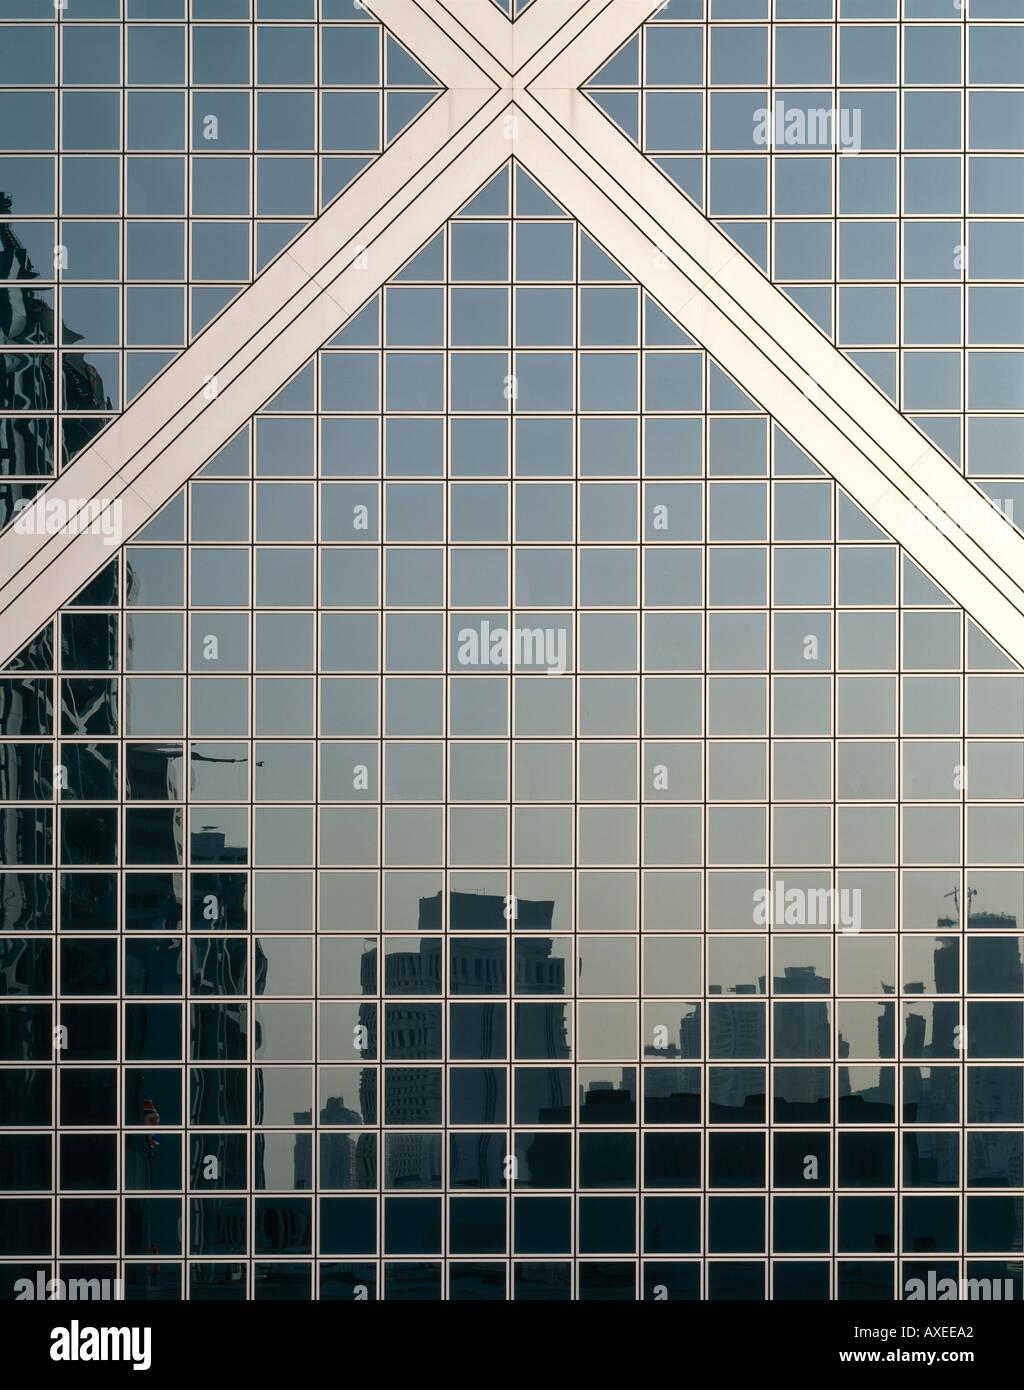 Banca di Cina, Hong Kong, Cina, 1985-90. Dettagli esterni. Architetto: Pei, Cobb e liberati gli architetti Immagini Stock